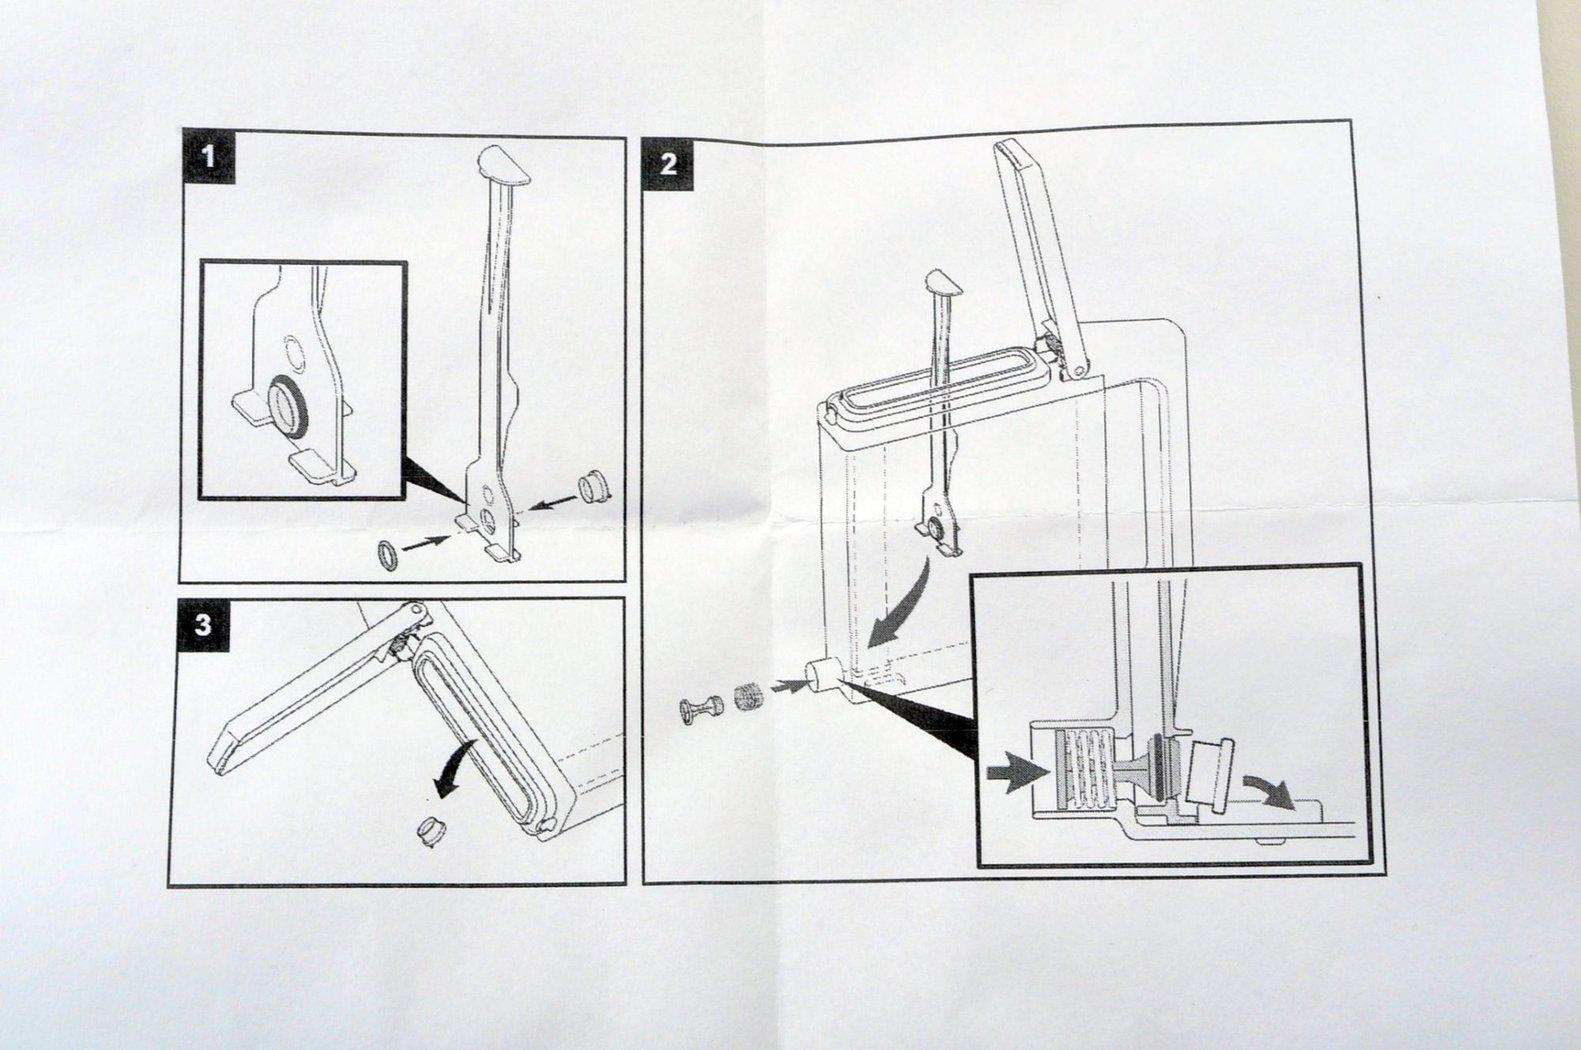 siemens dampfgarer ventil wasser tank undicht reparatur. Black Bedroom Furniture Sets. Home Design Ideas